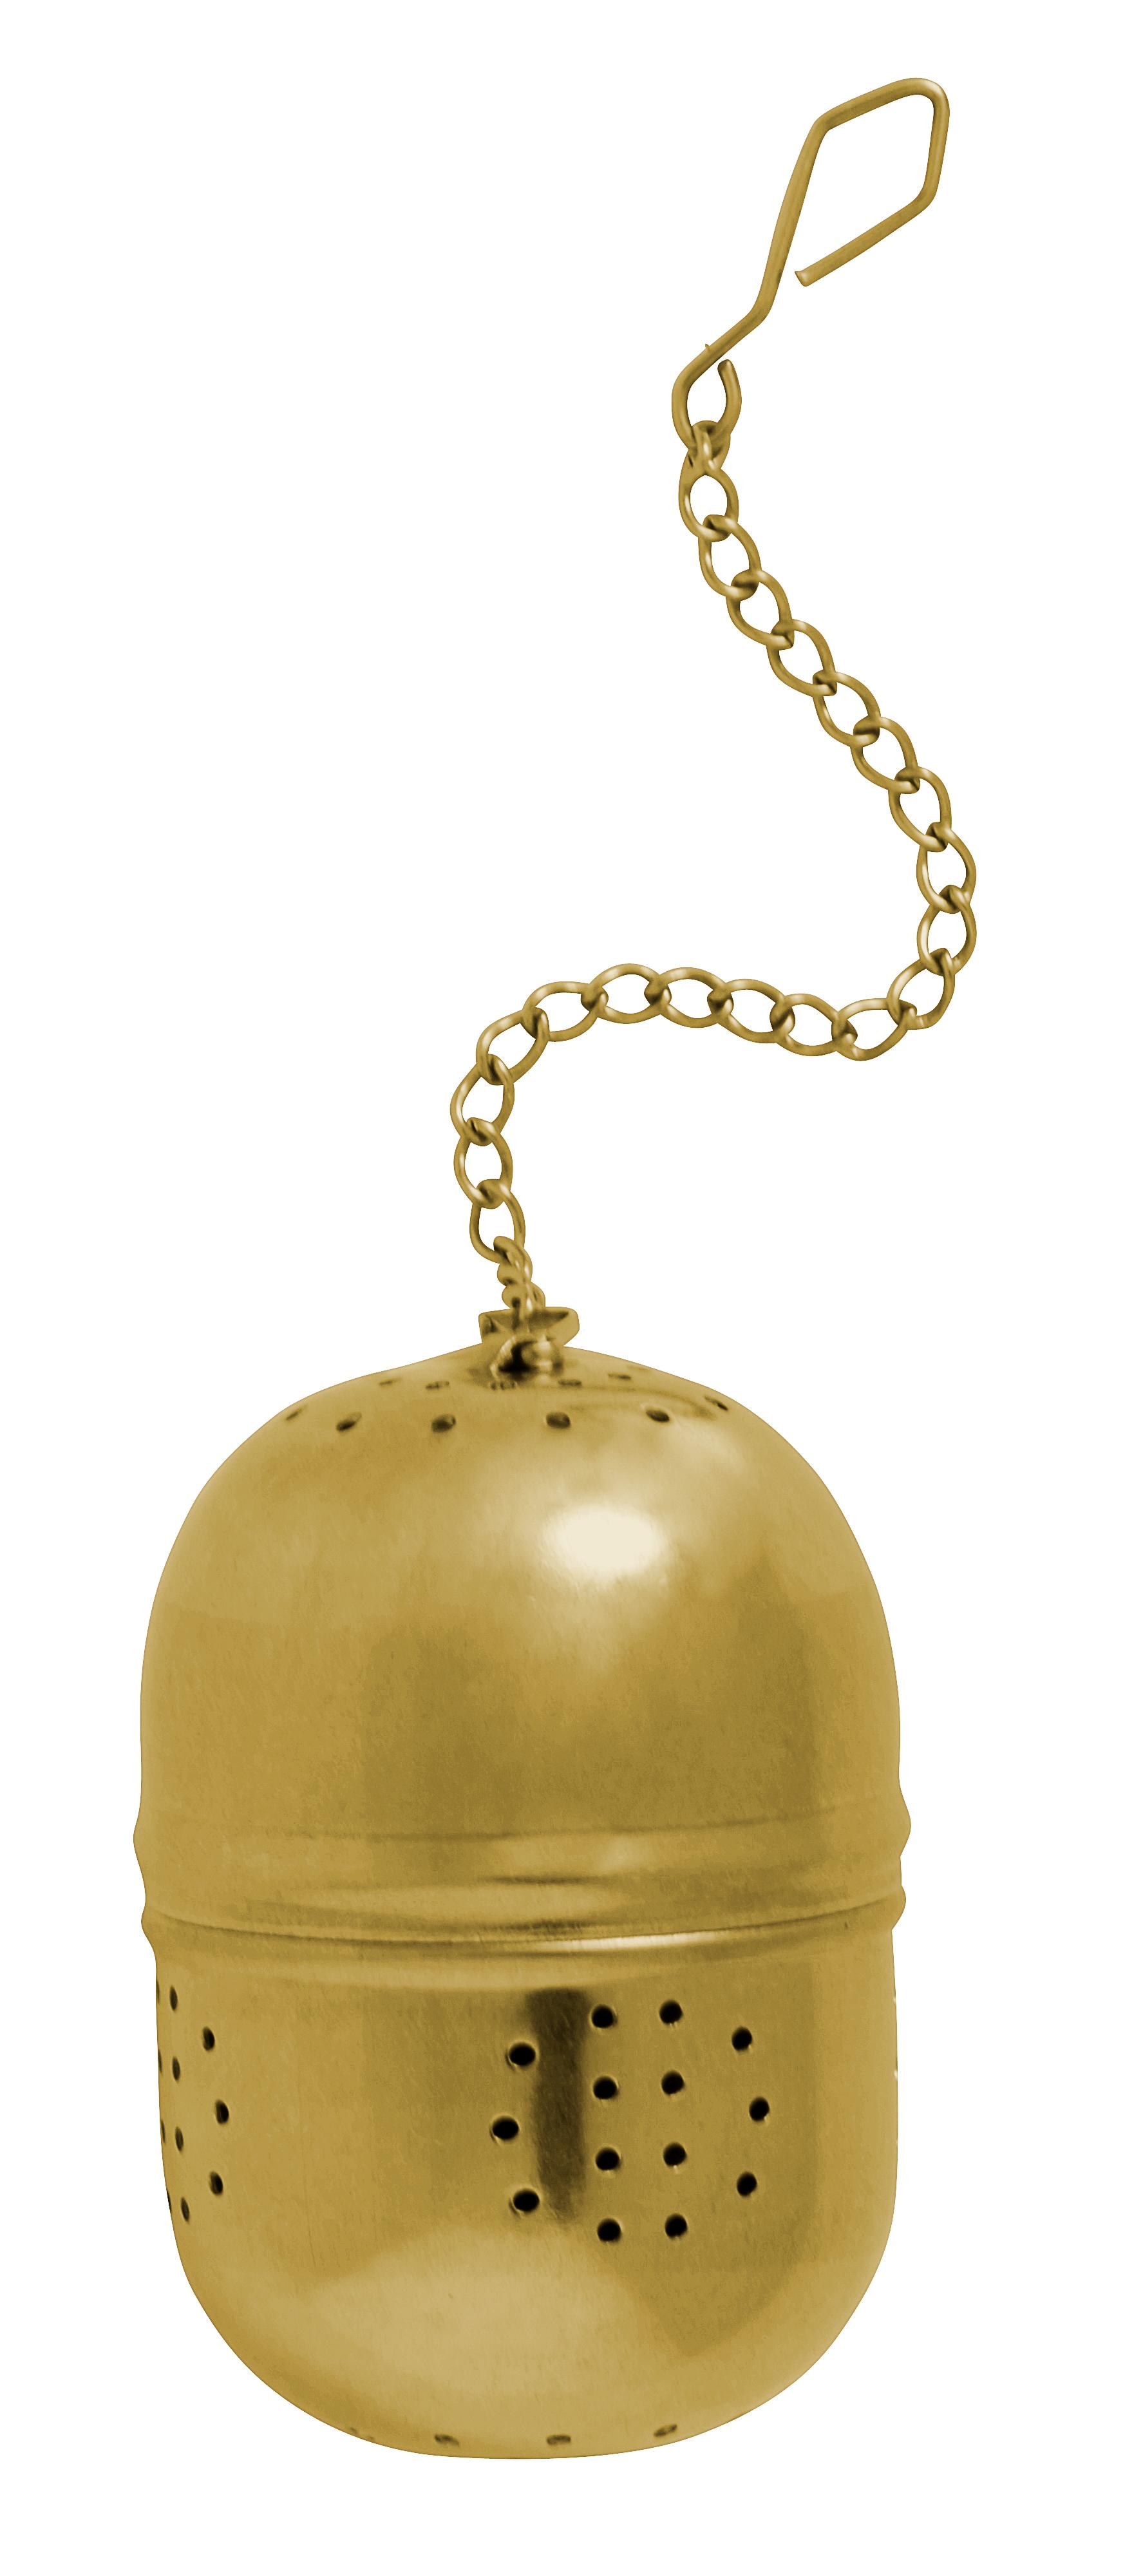 Tékula Ø 4 cm Guld